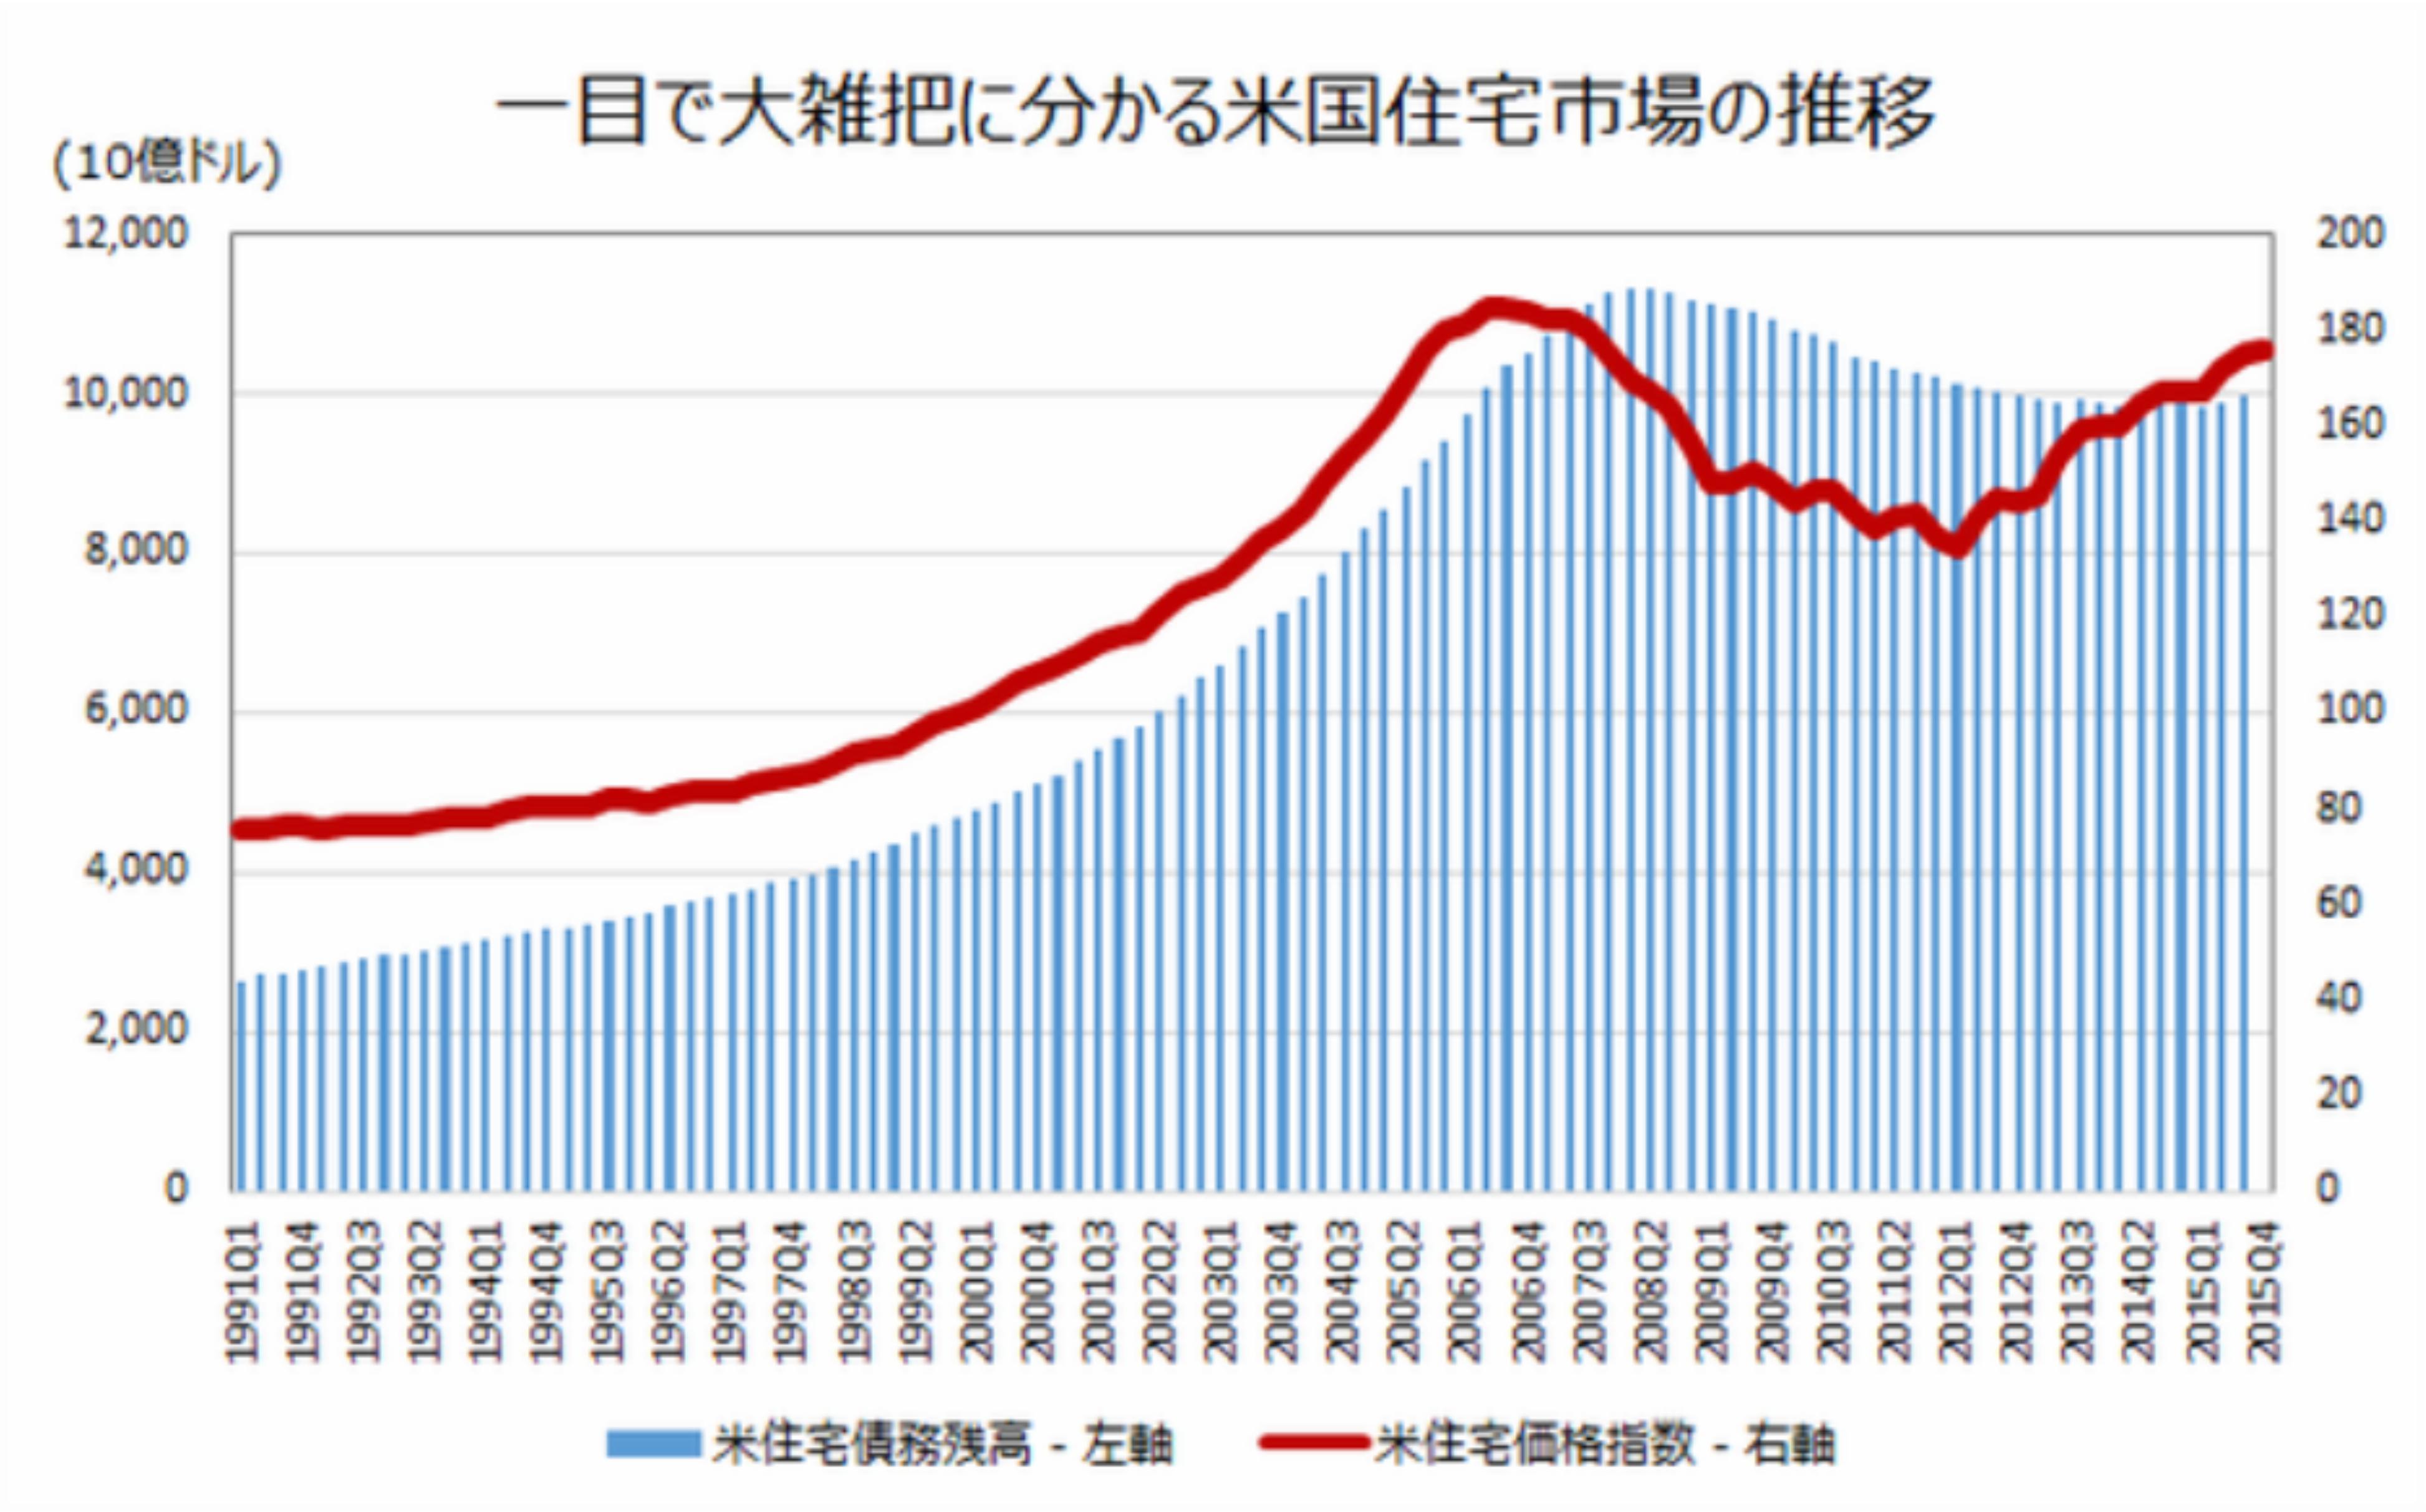 米住宅市場の推移